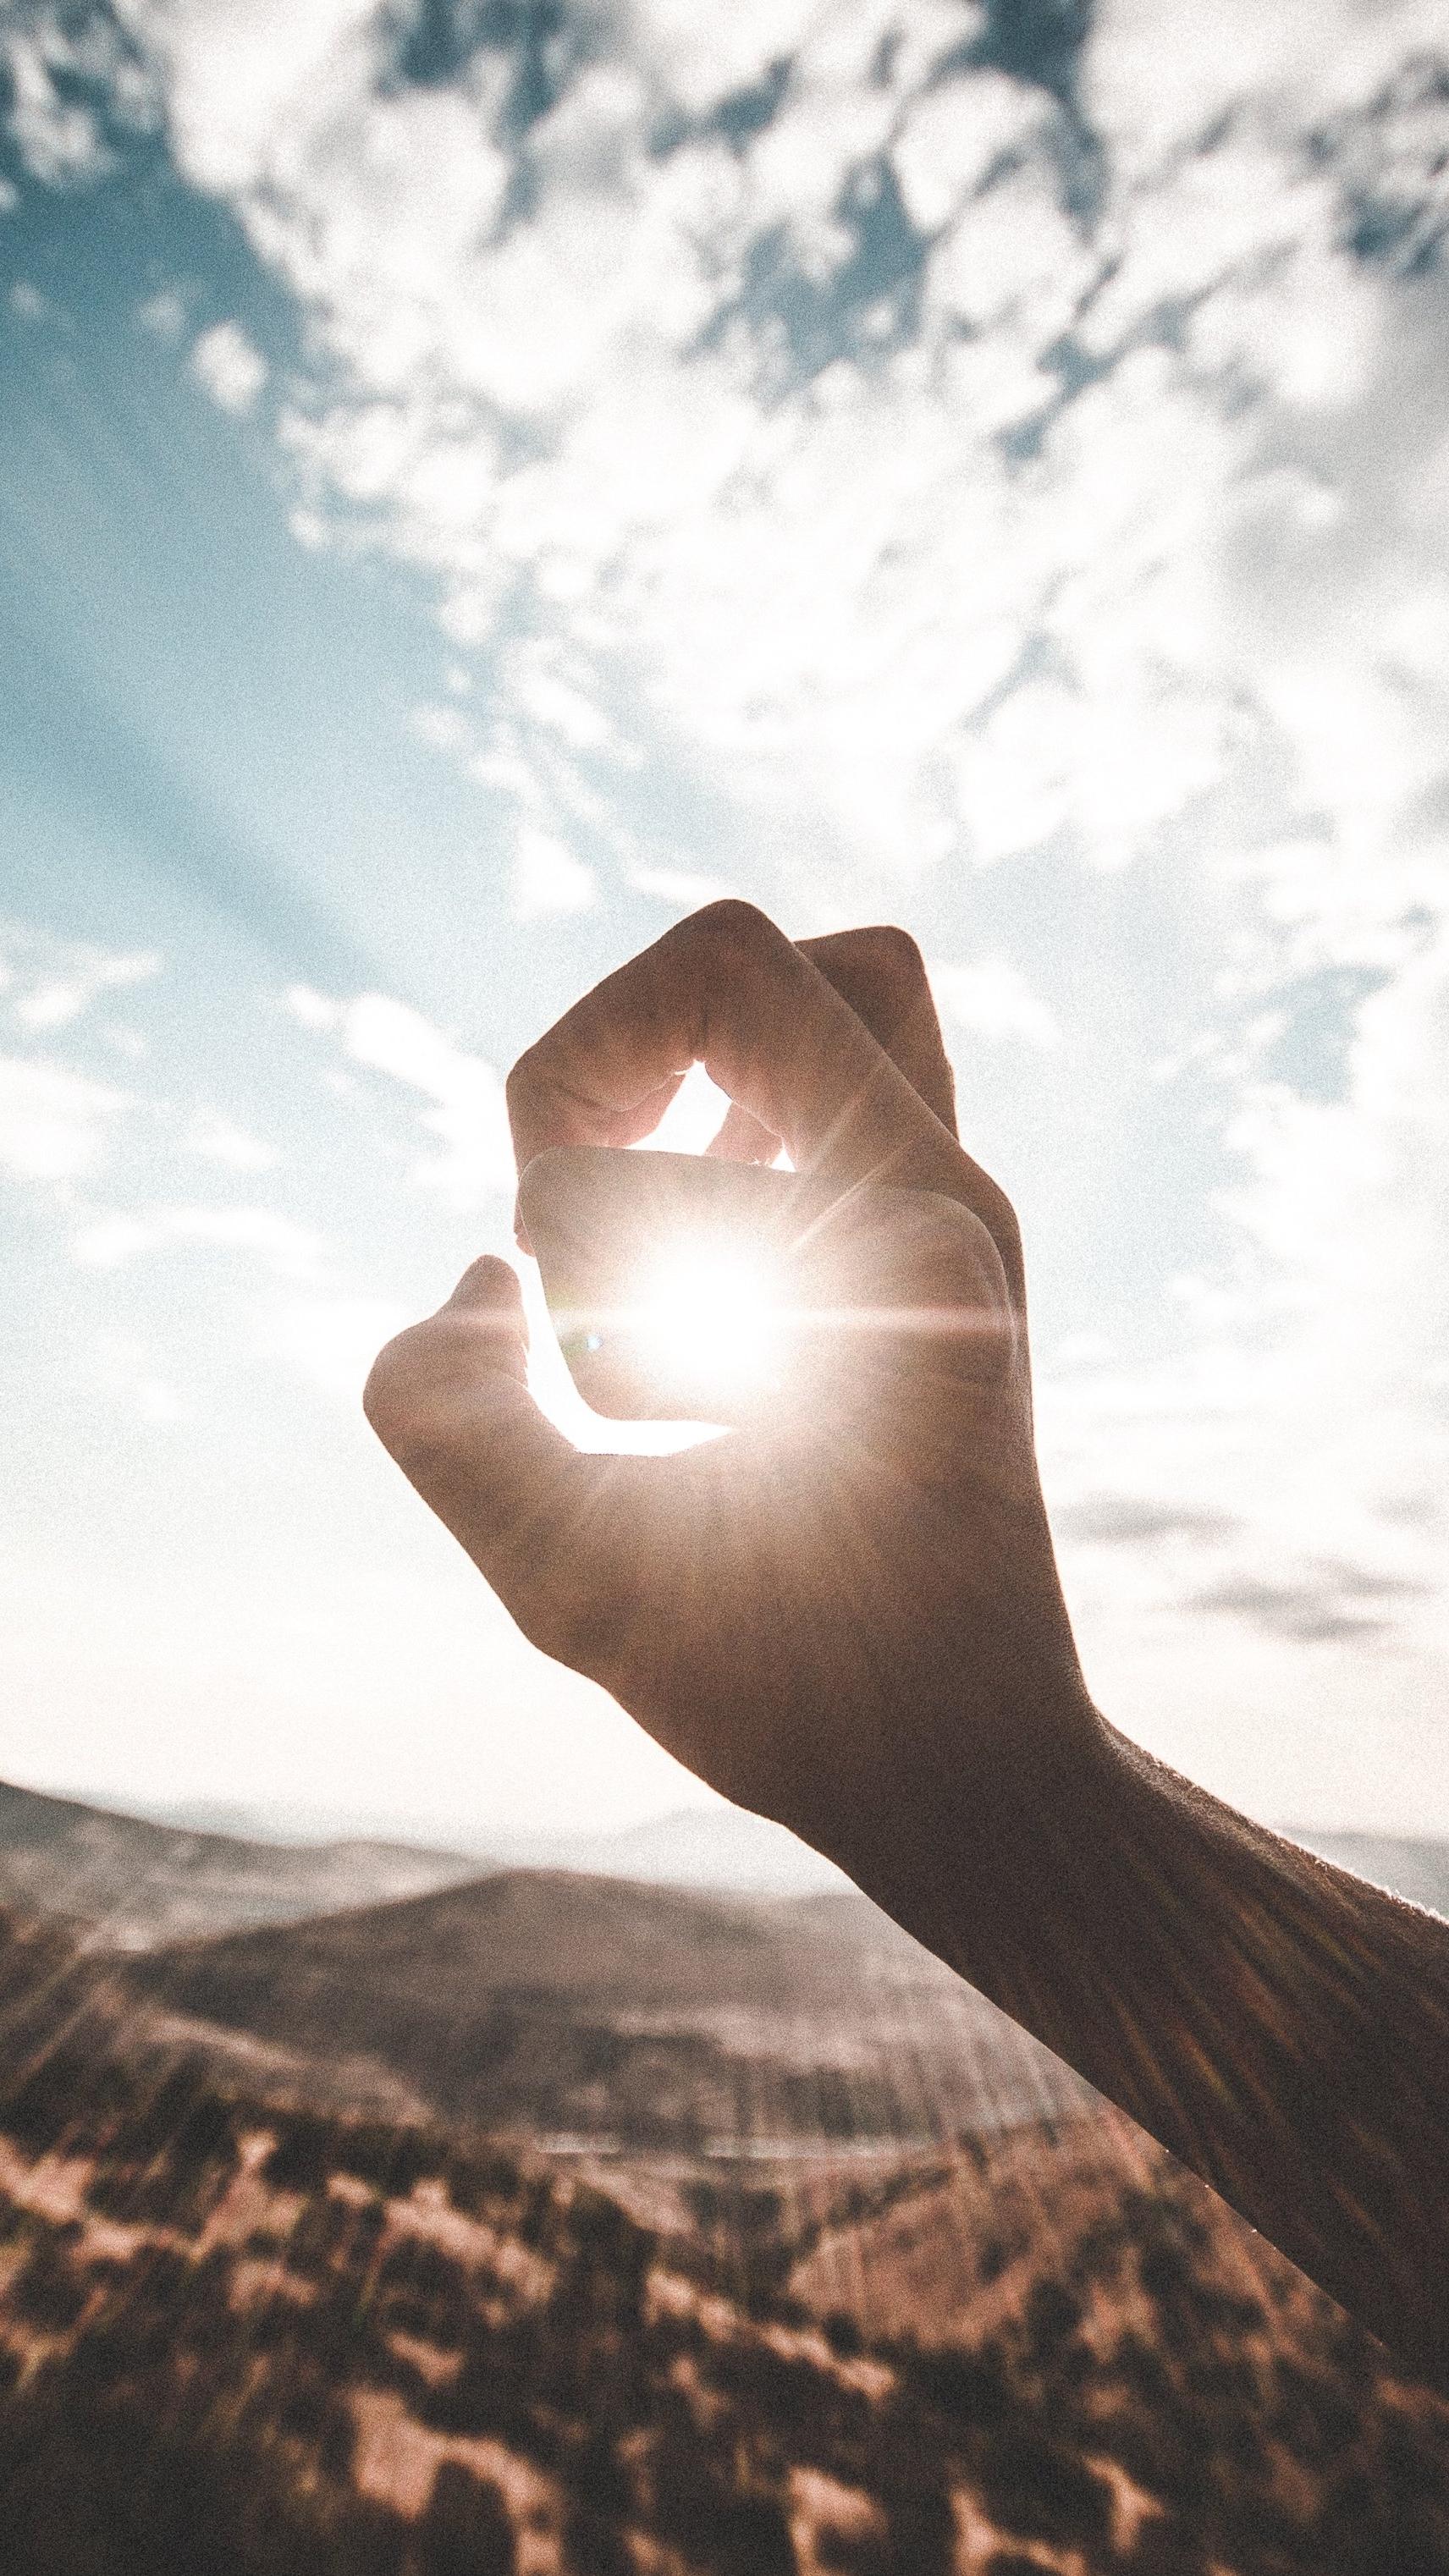 Il Sole fa bene o male? Perché solo su alcuni soggetti appaiono le Macchie Solari? - Anche se non siete amanti della tintarella e in realtà quando andate al mare preferite passare tutto il tempo a dormire sotto l'ombrellone, veniamo tutti in contatto con i raggi solari UVA UVB, è inevitabile.In alcuni di noi i raggi solari sono la causa di antiestetiche macchie della pelle. Questo accade quando la nostra pelle si indebolisce. Le ragioni di un indebolimento del tessuto cutaneo sono molteplici, solo per citare qualche esempio le cause possono essere: l'assunzione di farmaci, un indebolimento dello stato di salute, l'avanzare dell'età, il ciclo mestruale non regolare, l'instaurasi di una gravidanza.La formazione delle macchie è uno stato infiammatorio della pelle, i melacociti iper-attivati producono una iper-quantità di melanina, con la conseguente comparsa del melasma, comunemente detto, macchia della pelle.